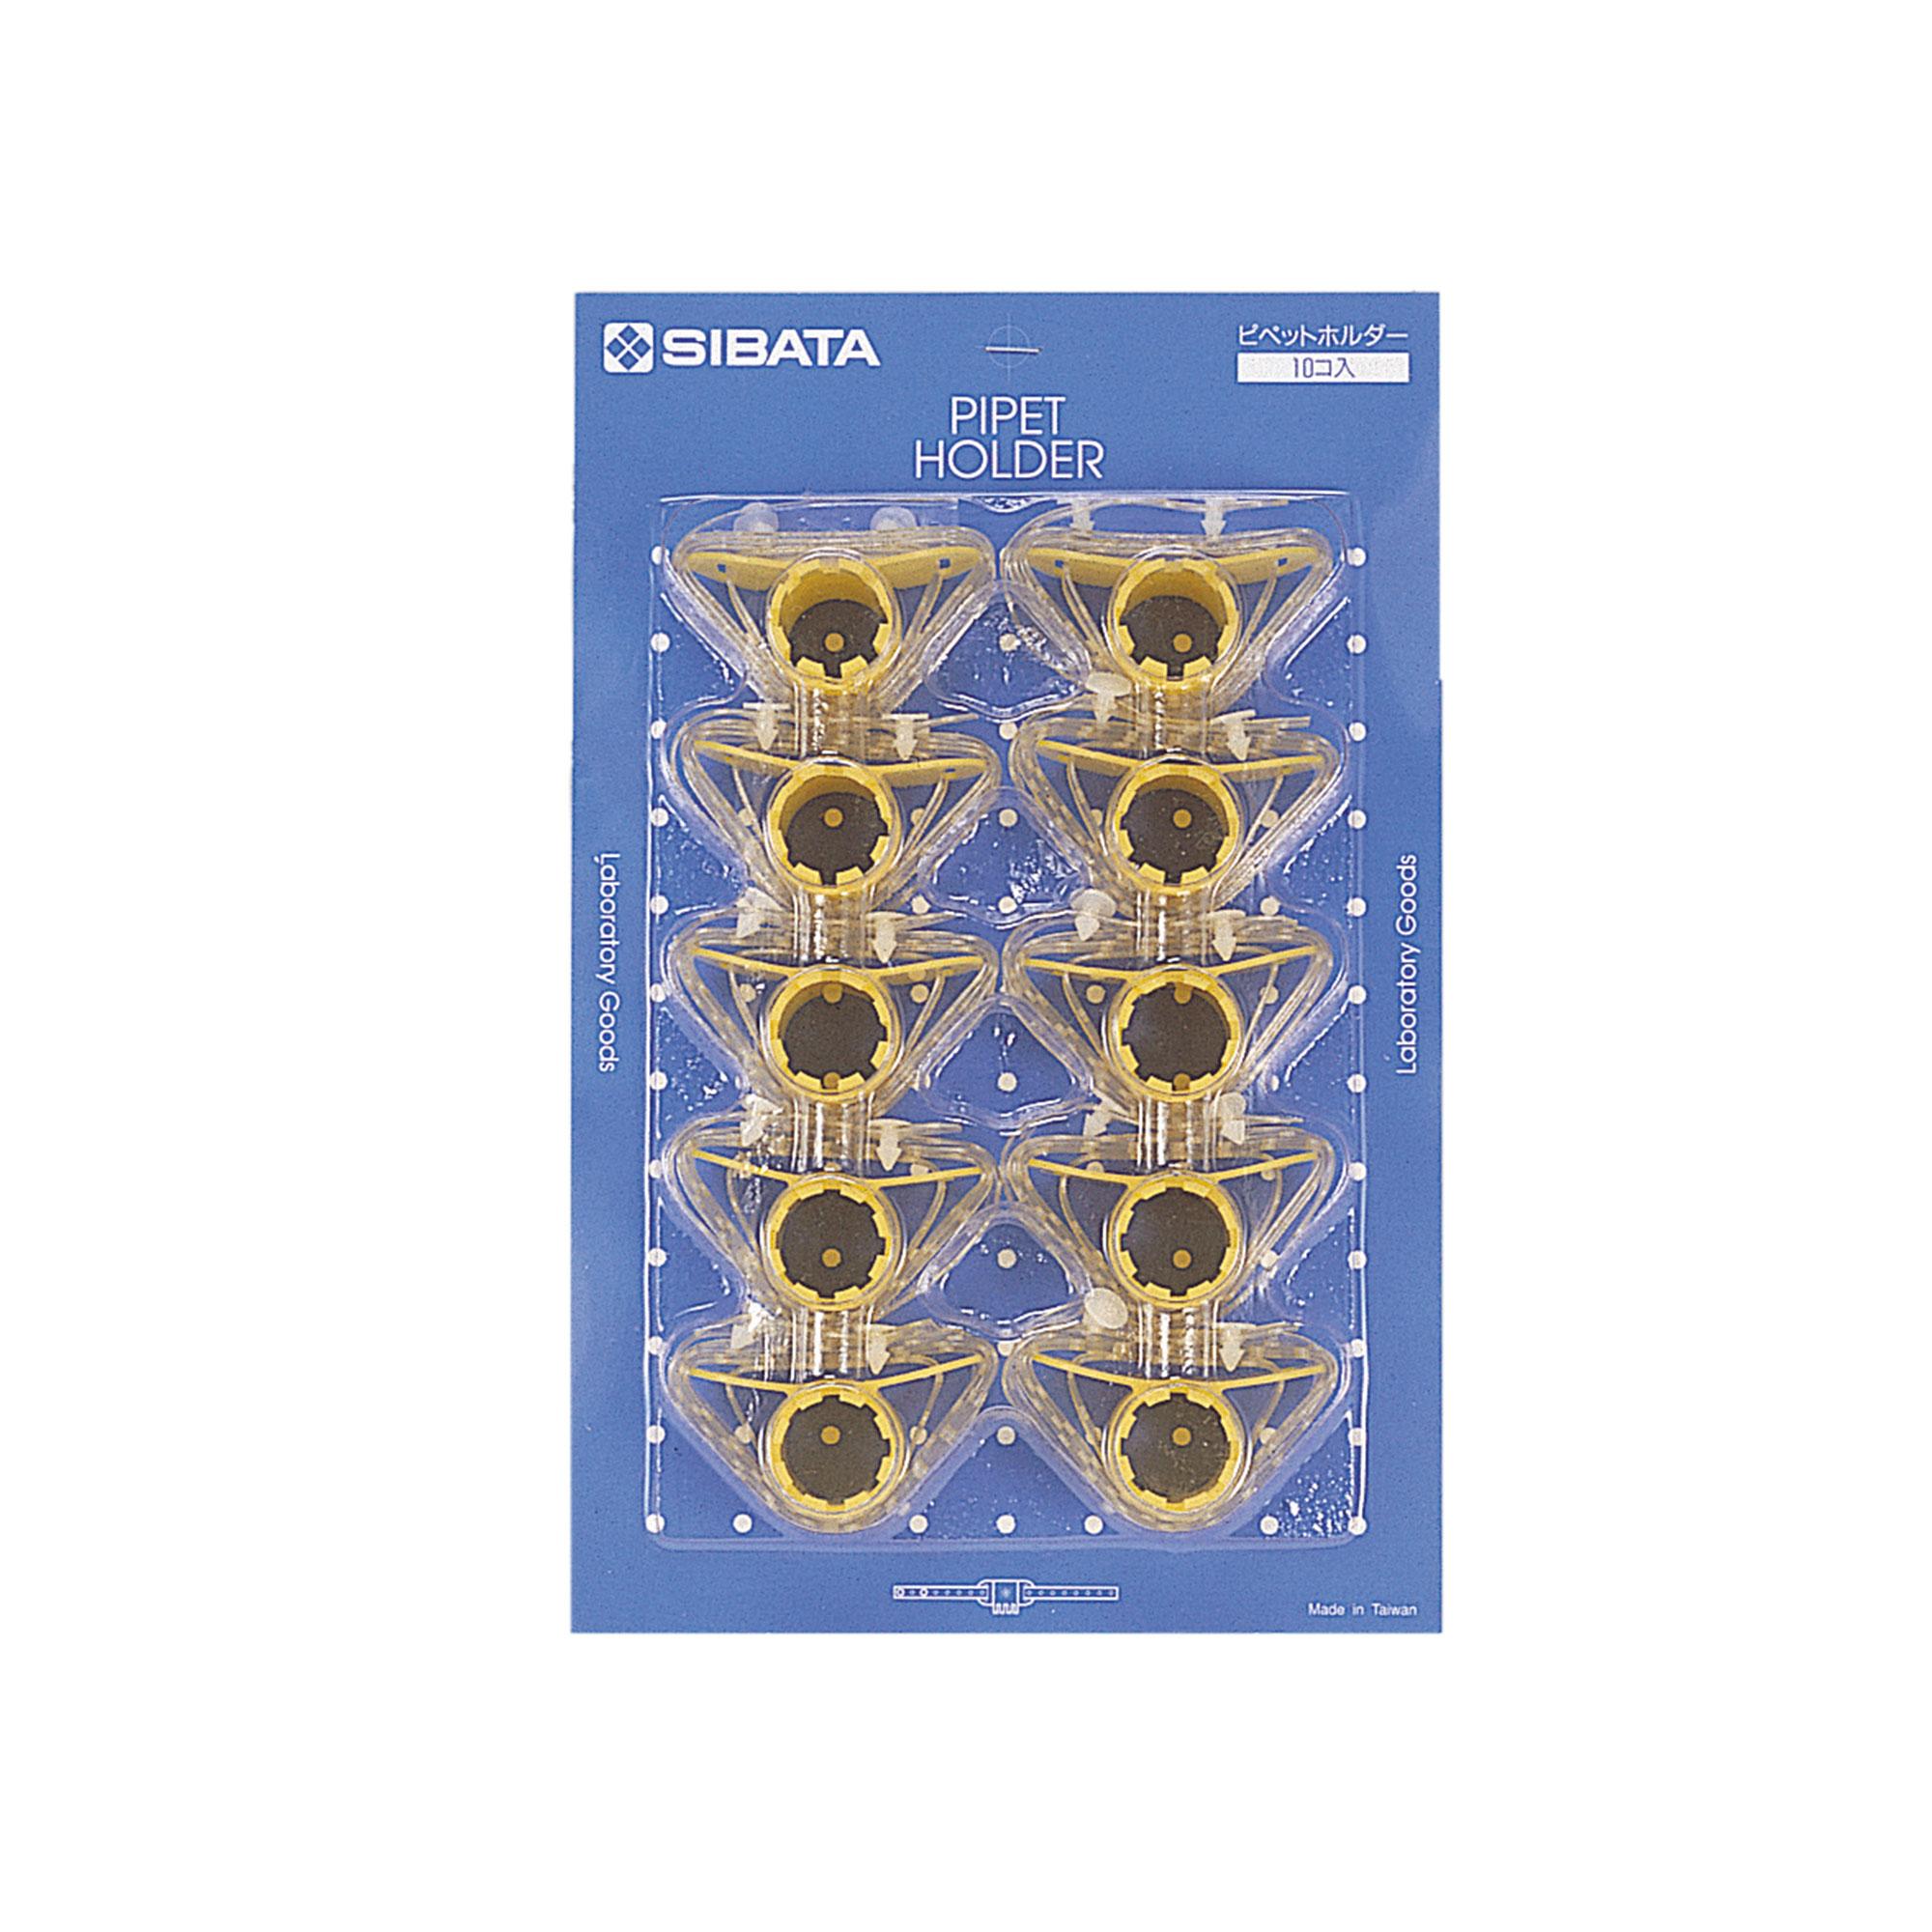 020250-18A ピペットホルダー(10個) 柴田科学(SIBATA)